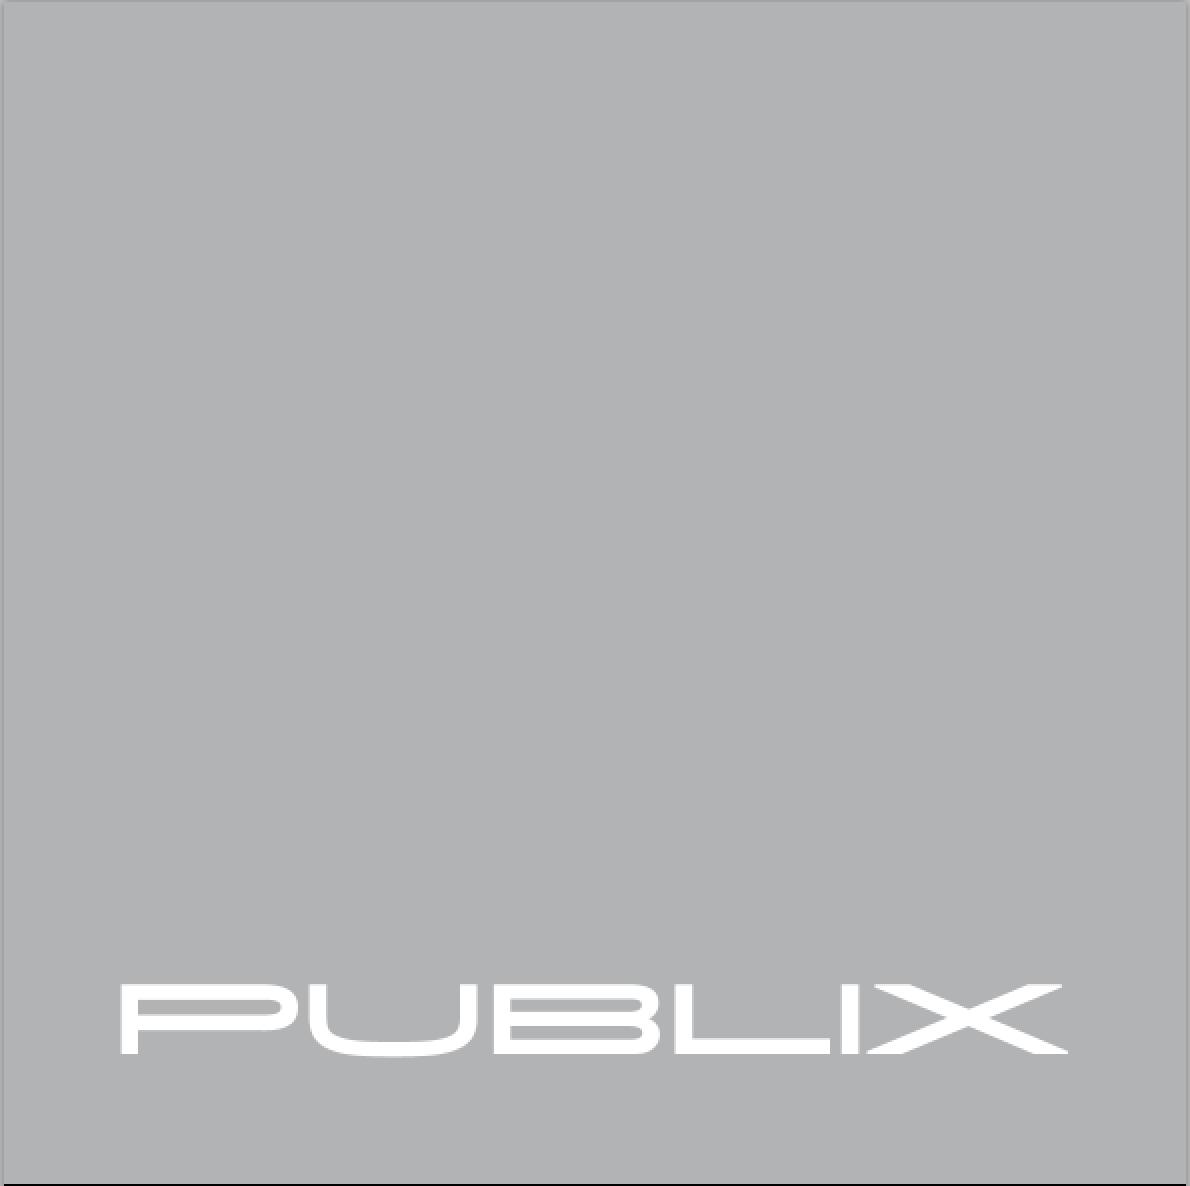 PUBLIX WerbegmbH